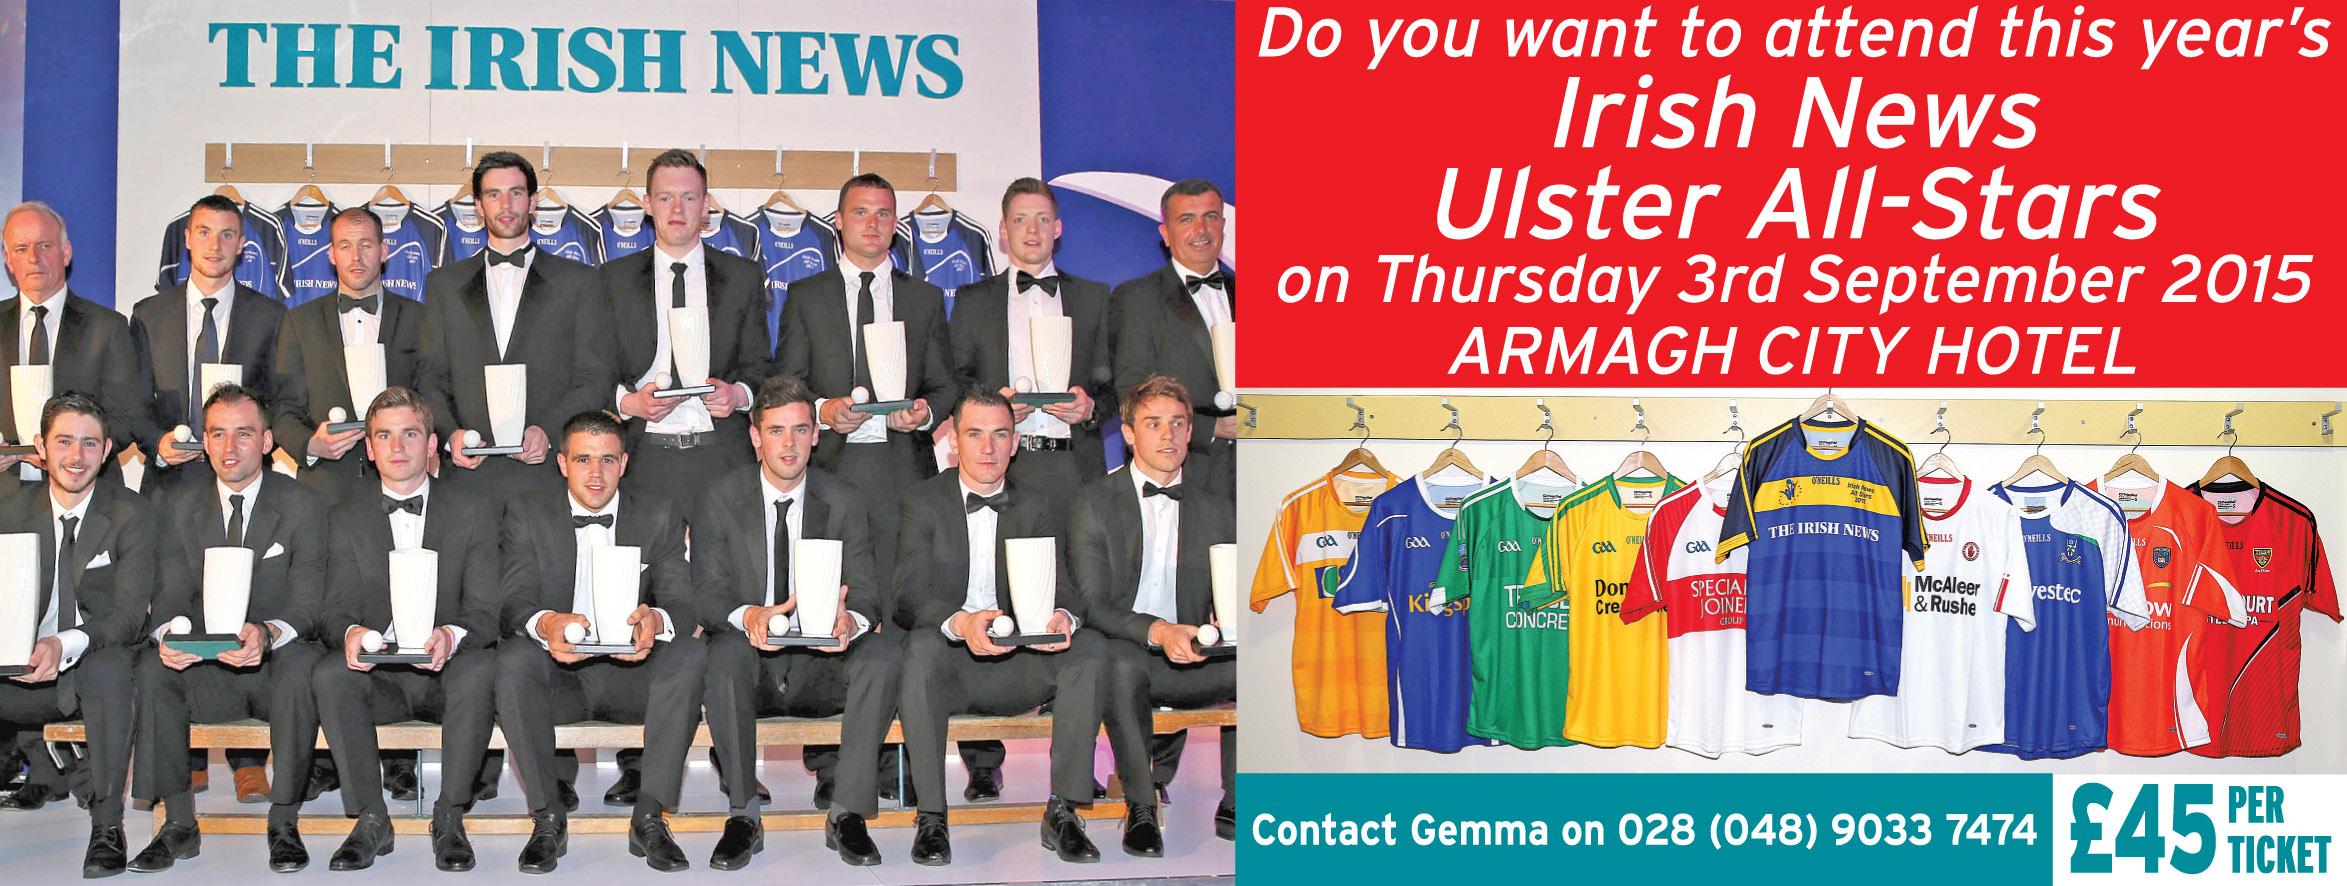 Irish News Ulster All Stars 2015